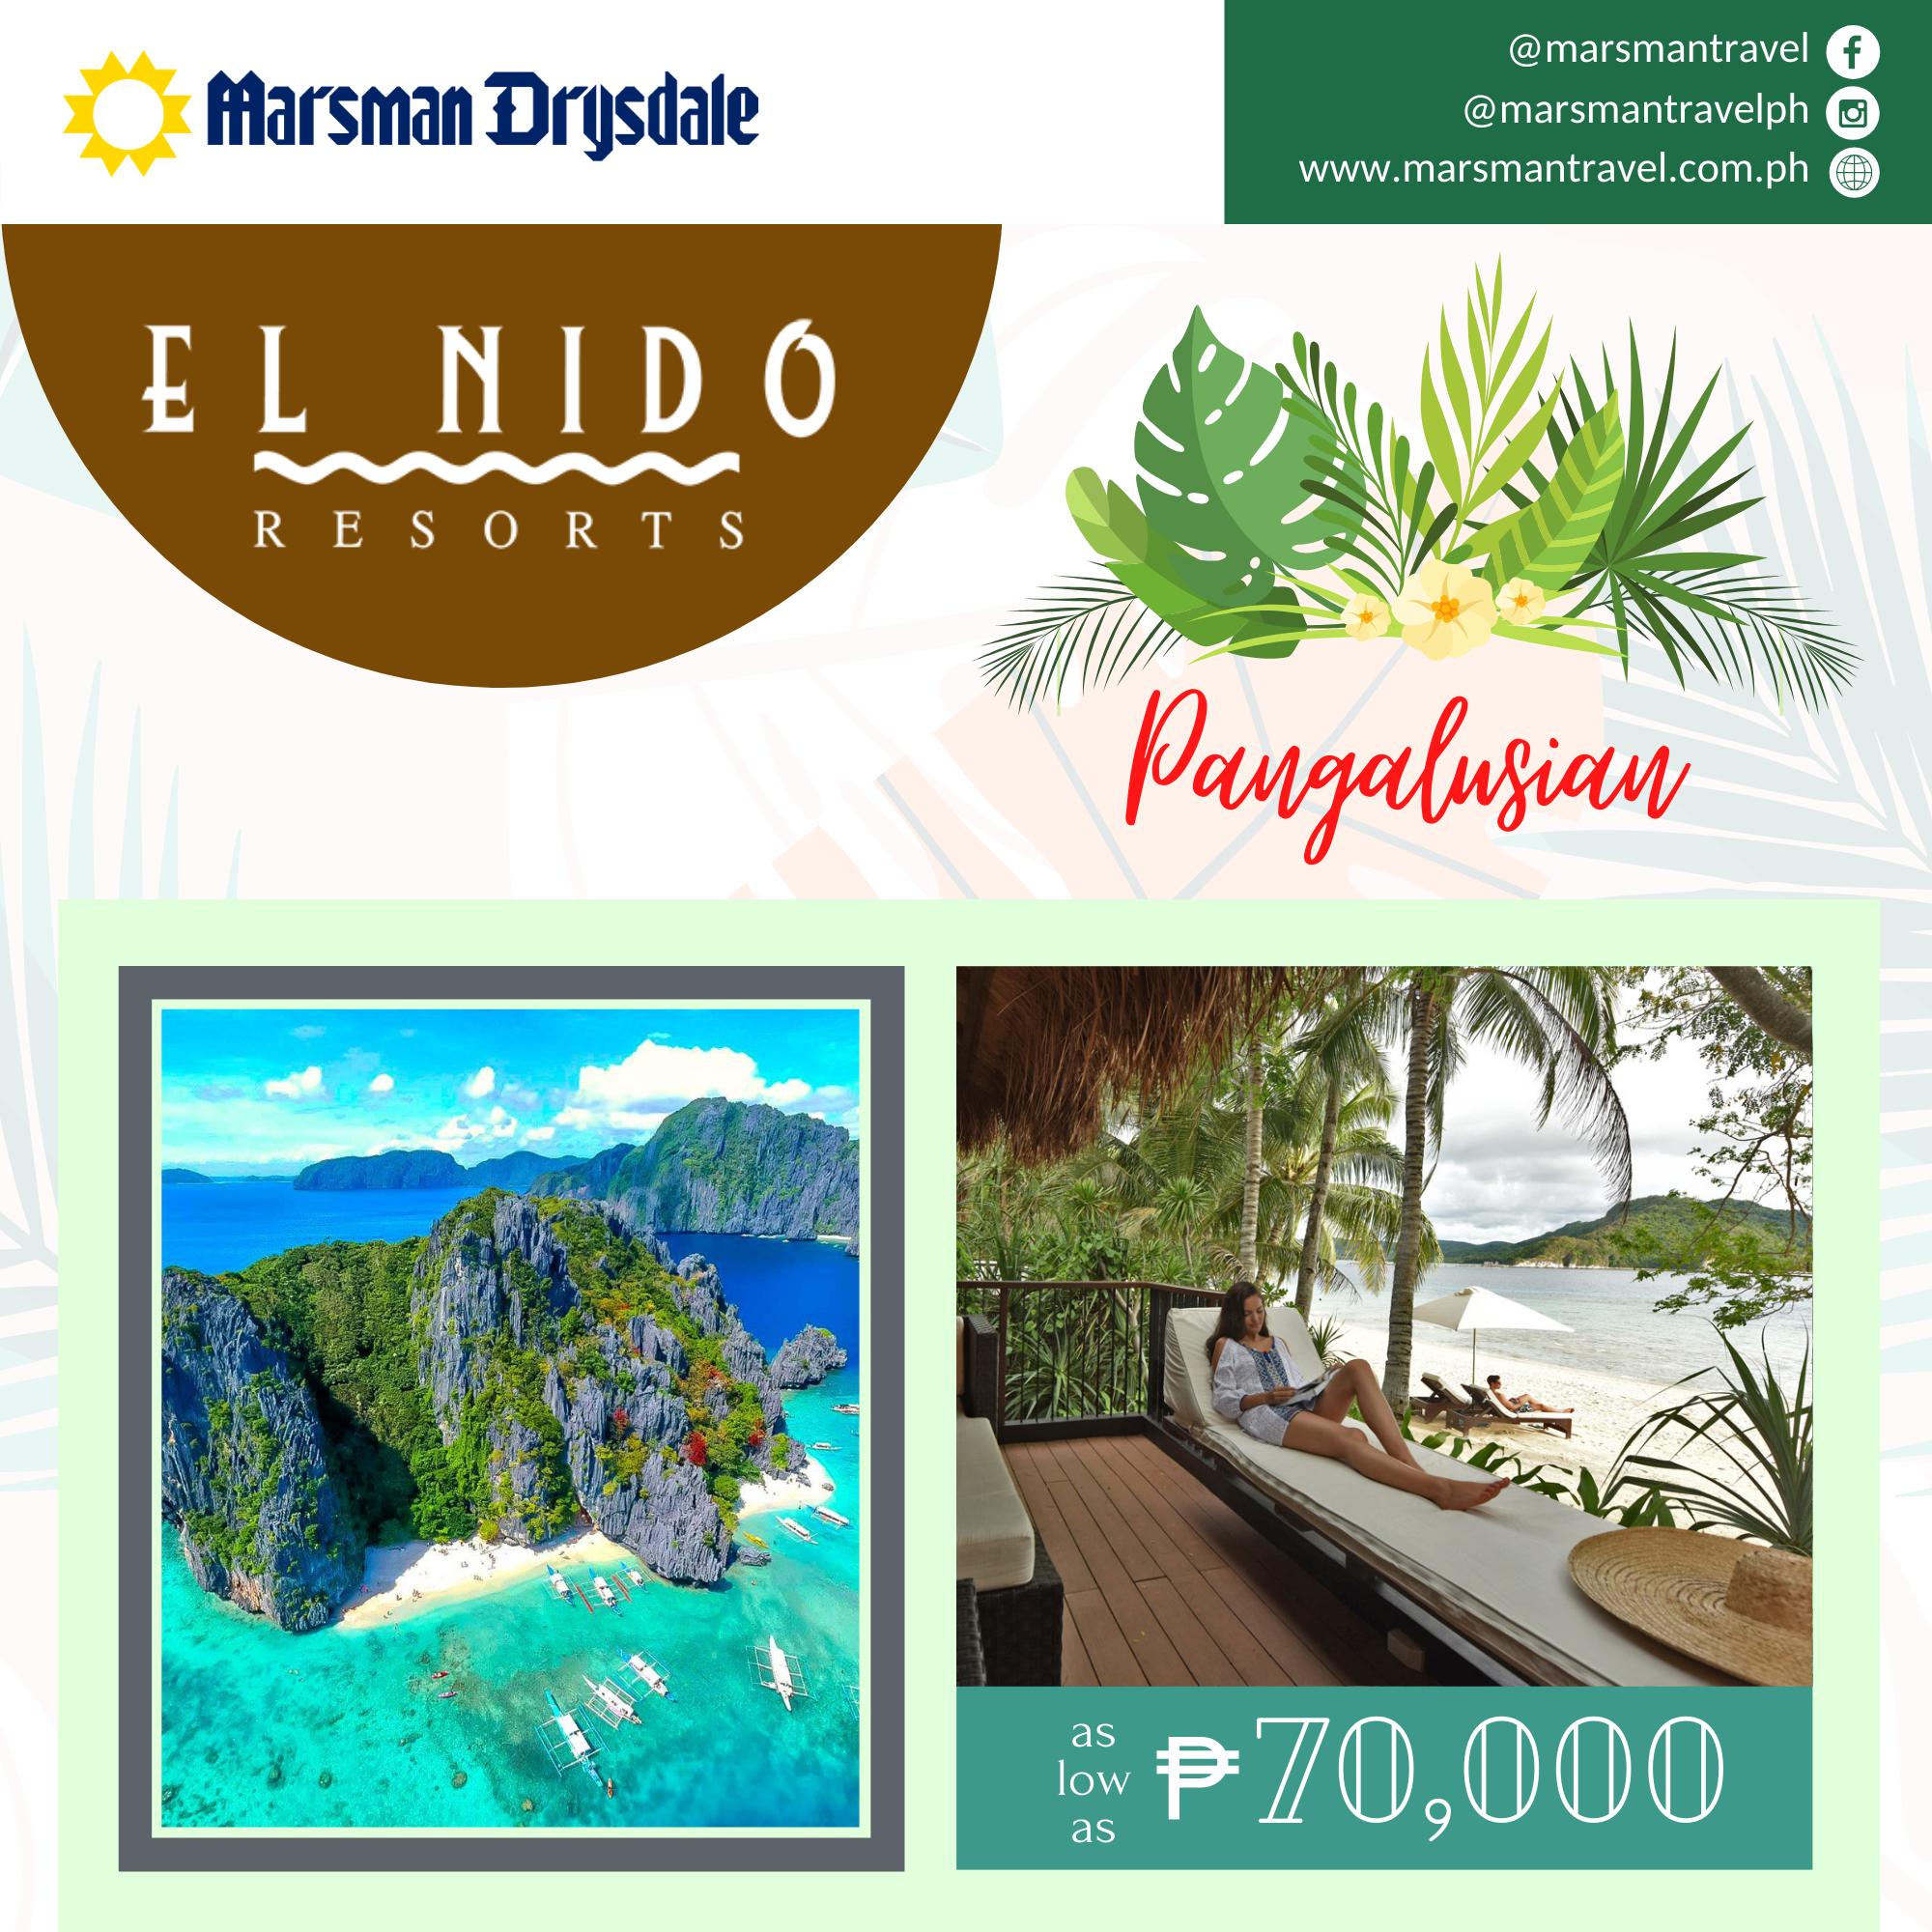 EL NIDO RESORTS-PANGALUSIAN